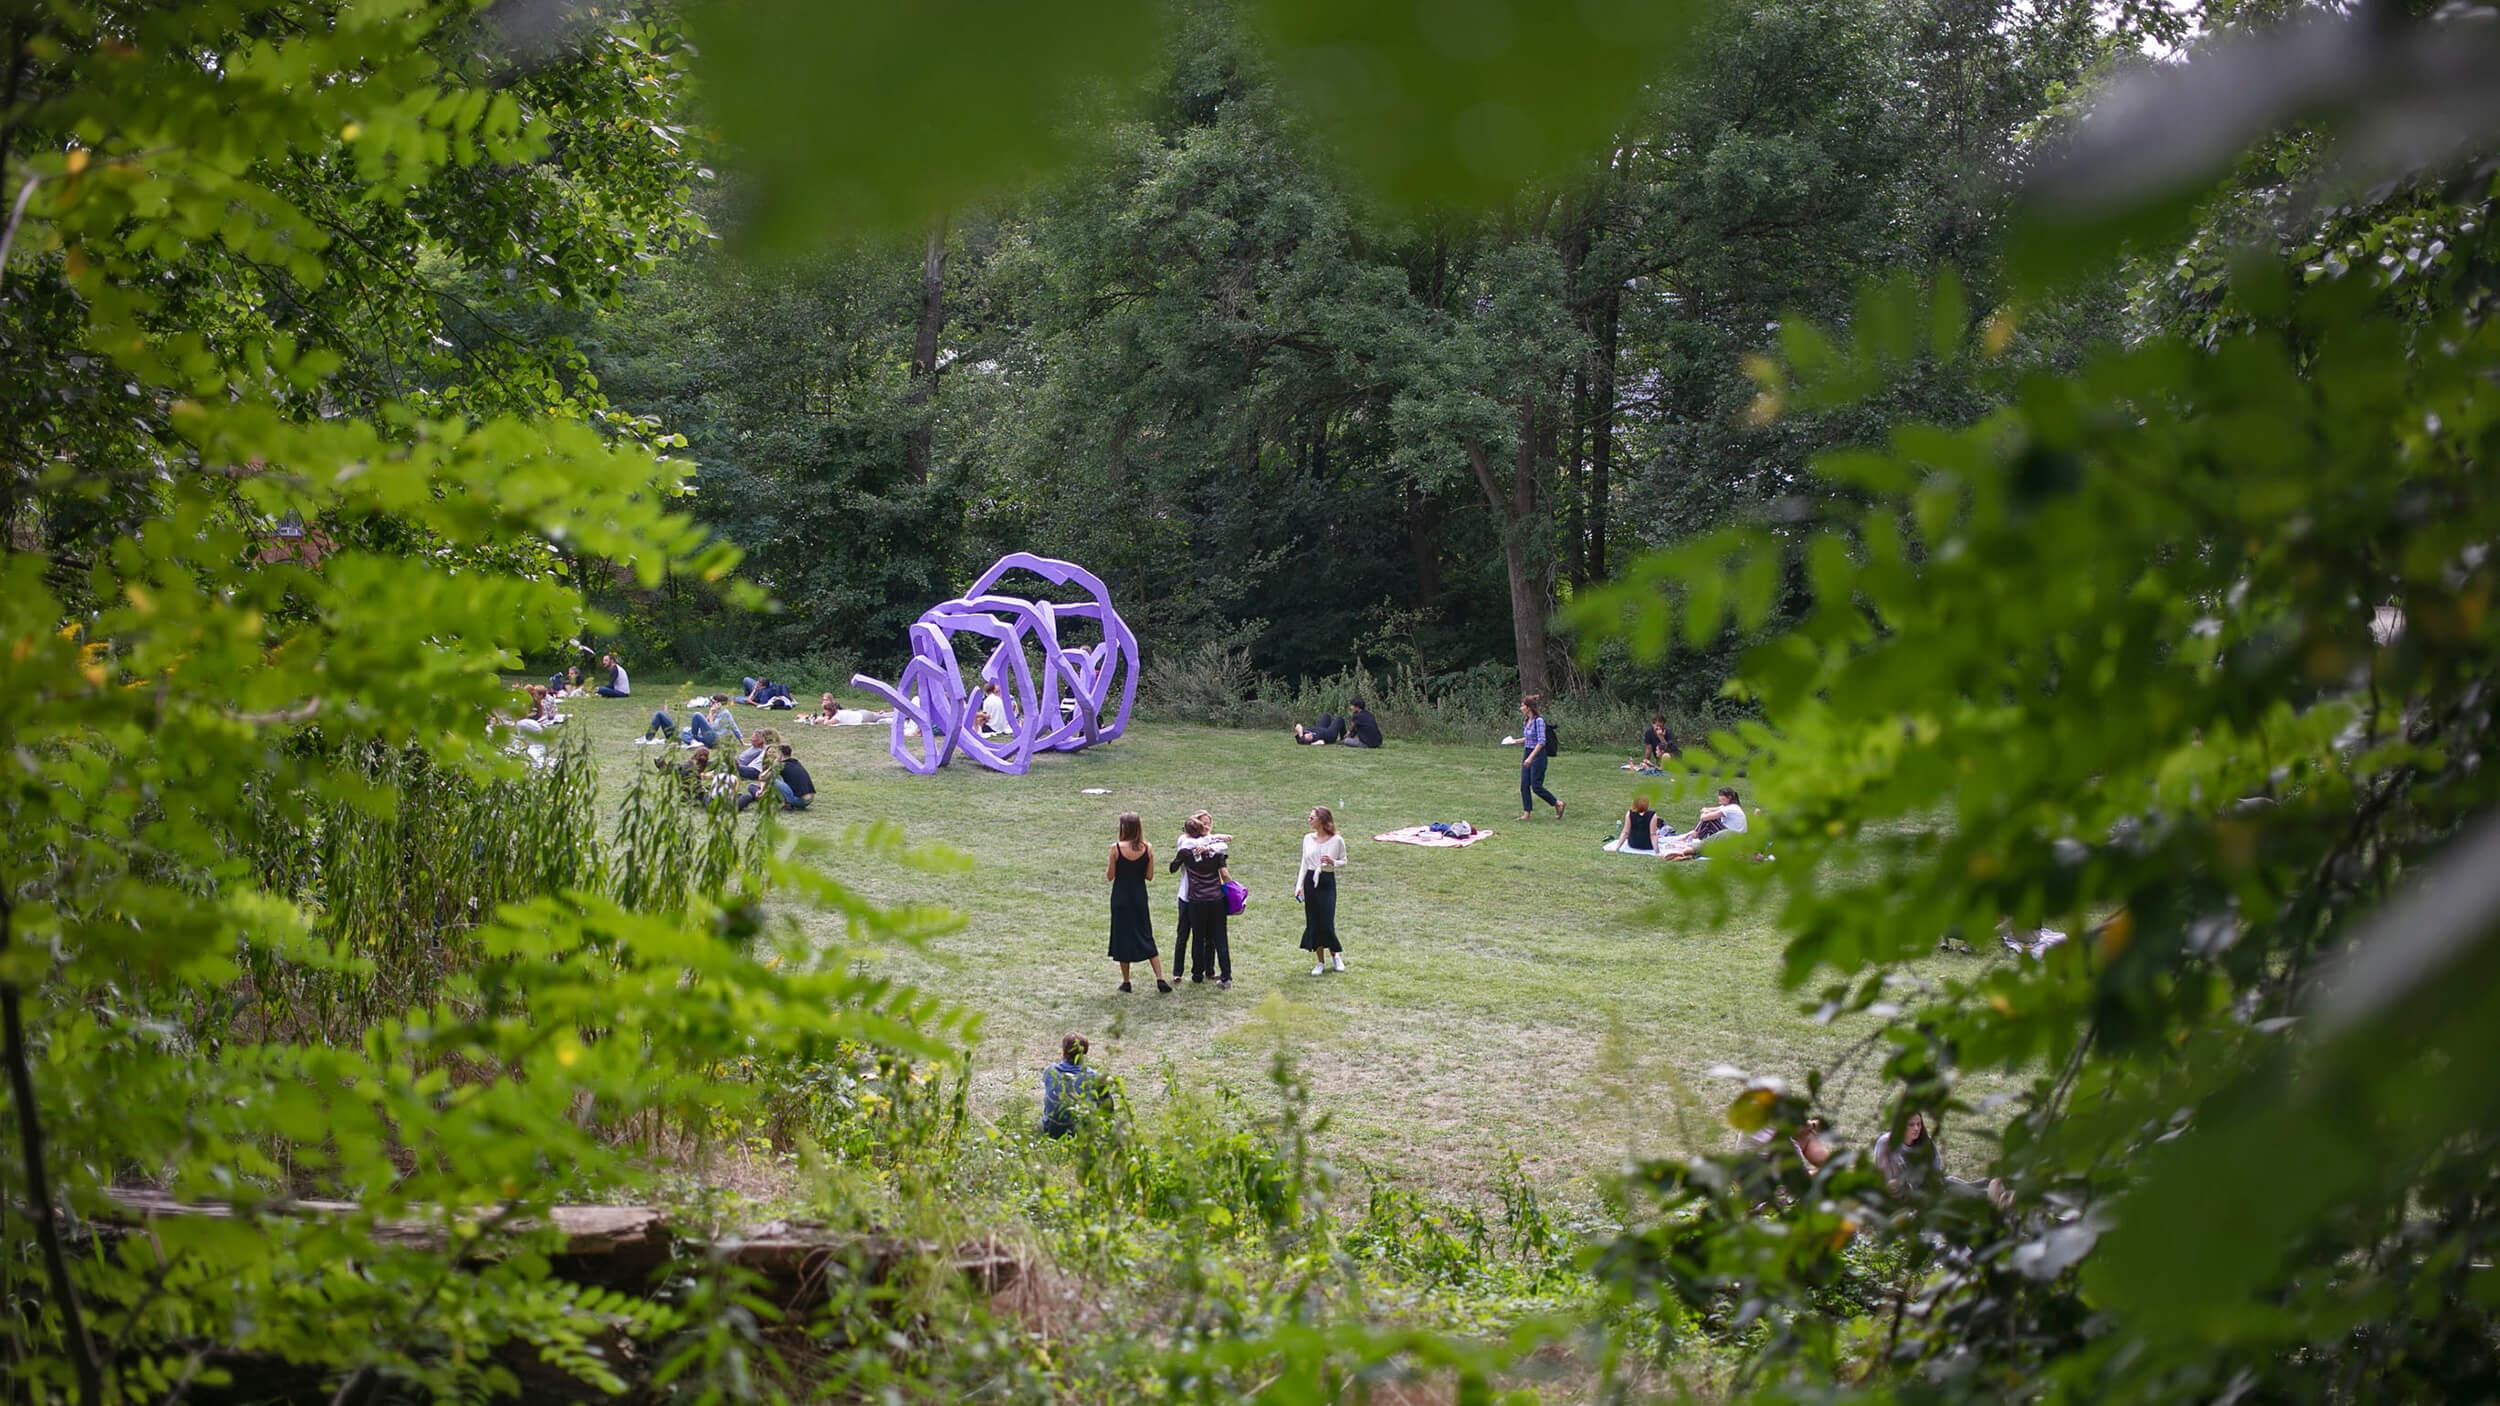 Foto von der Art Biesenthal 2019. Zu sehen ist eine lila Skulptur auf einer Wiese, drumherum Menschen.